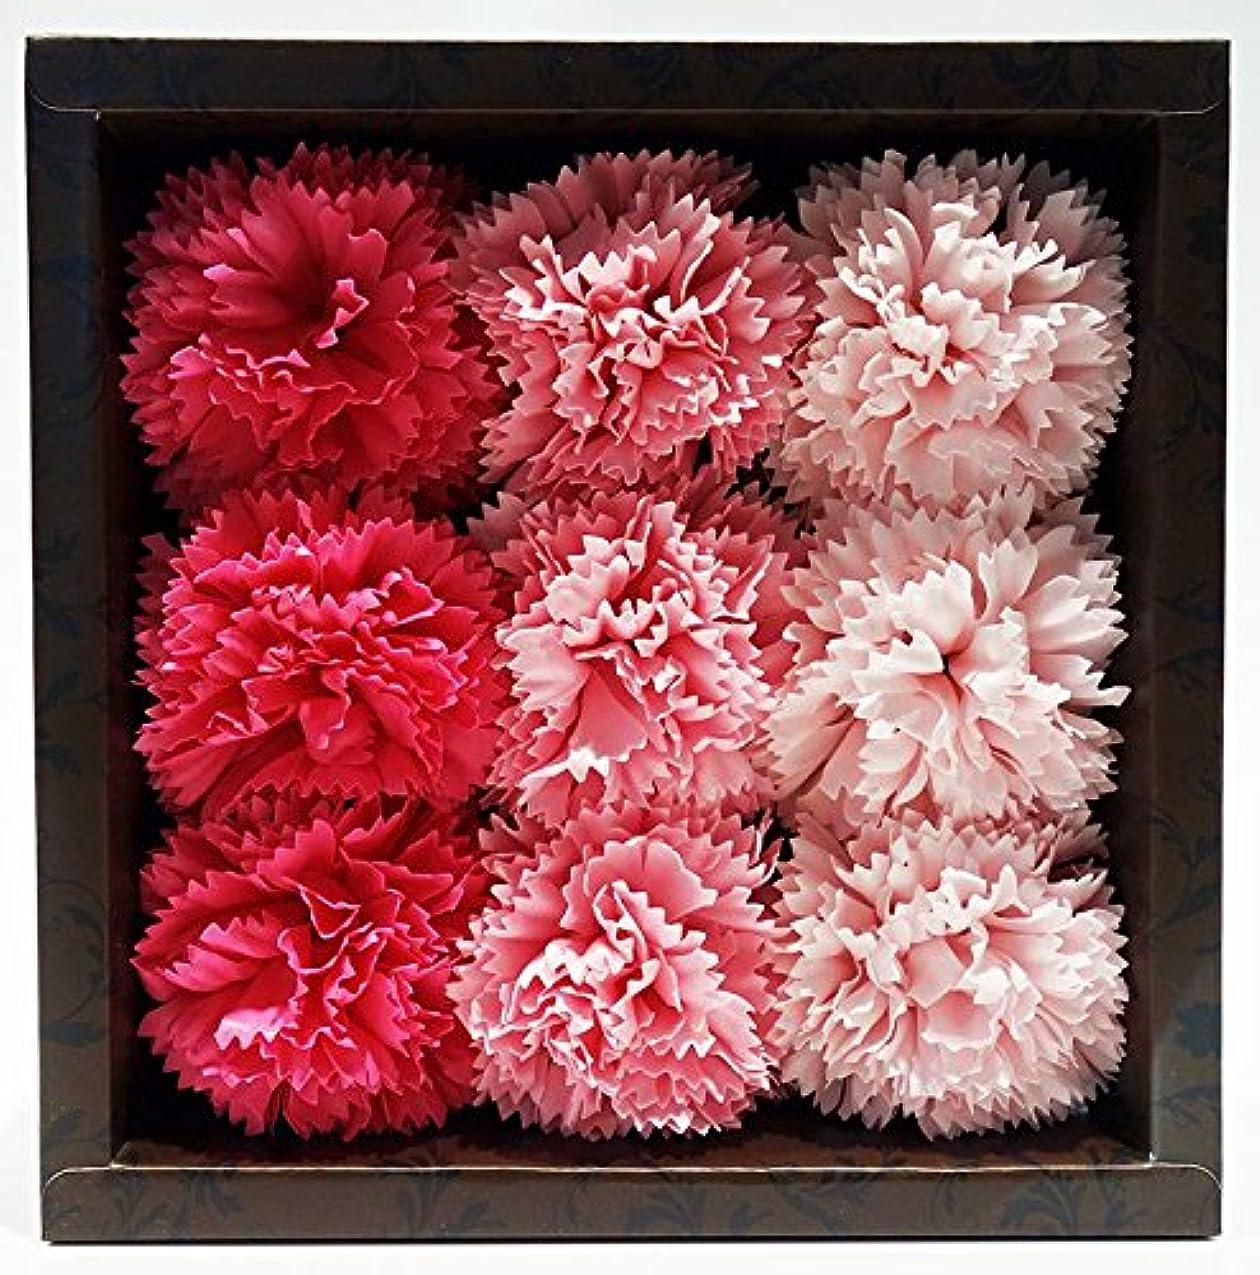 リフト各調停者バスフレグランス バスフラワー カーネーション ピンクカラー お花の形の入浴剤 母の日 プレゼント ギフト